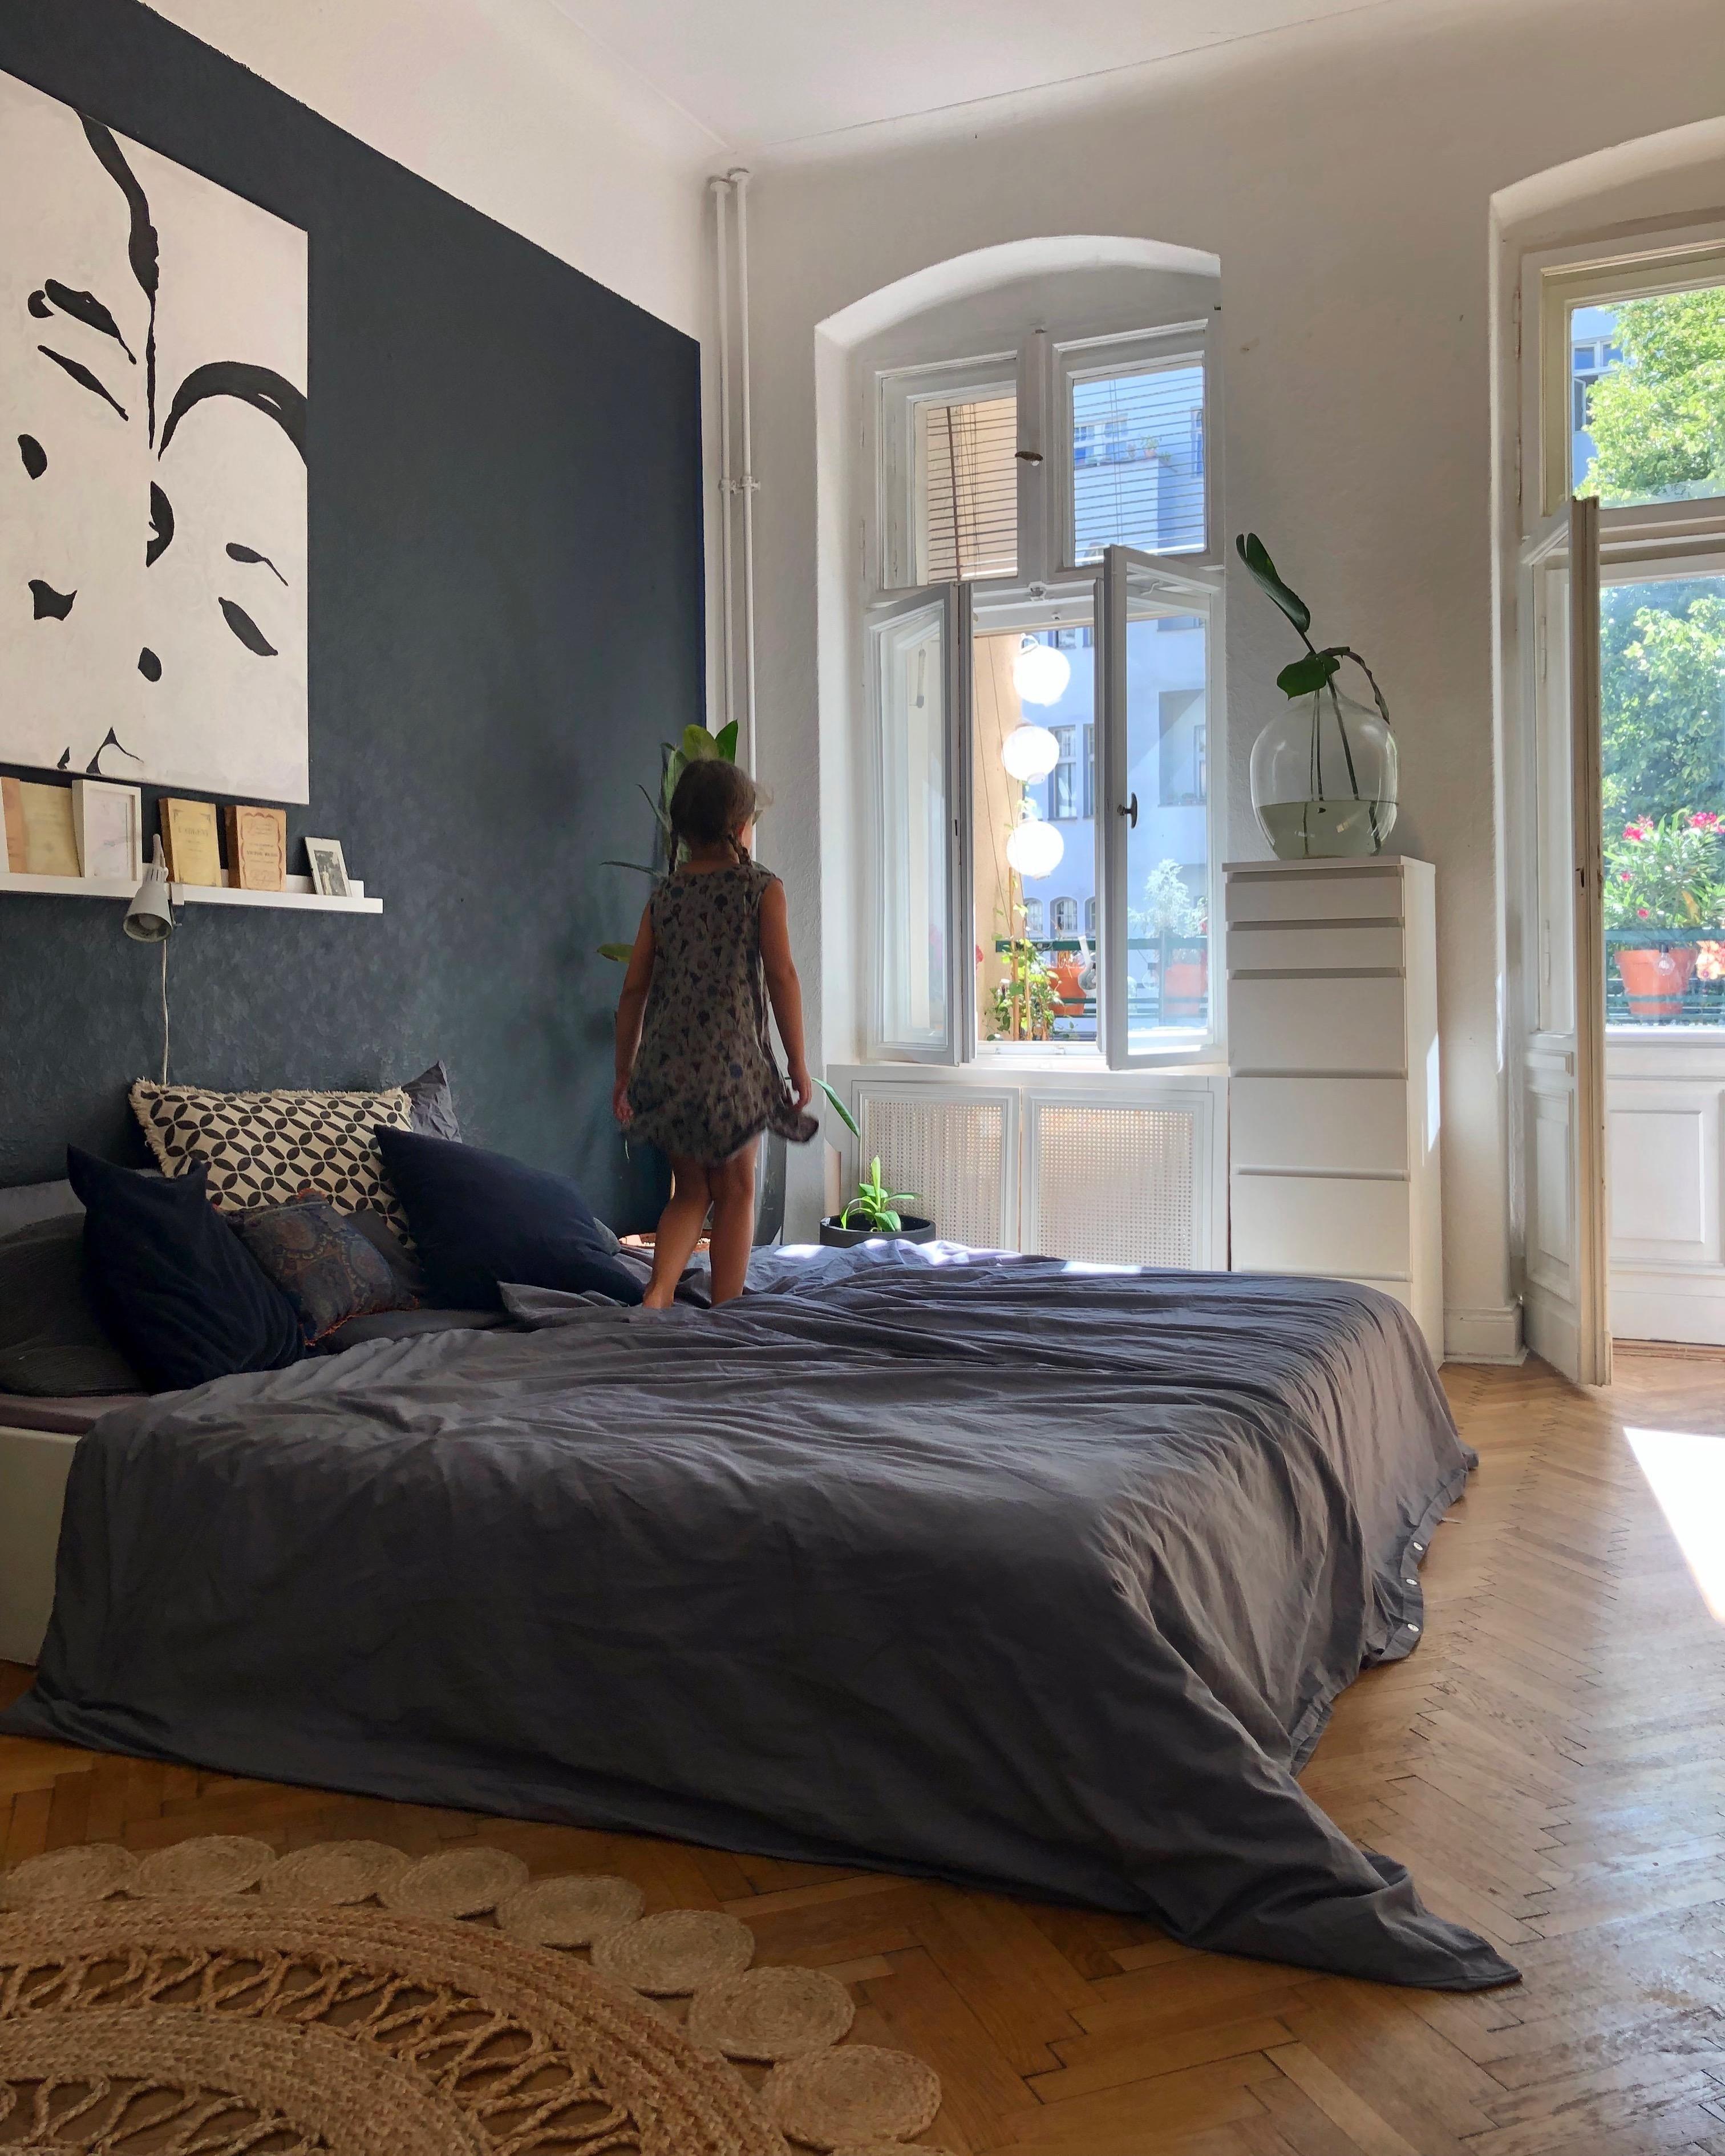 Altbau Hohe Decken Nutzen Raume Charmant Gestalten Altbau